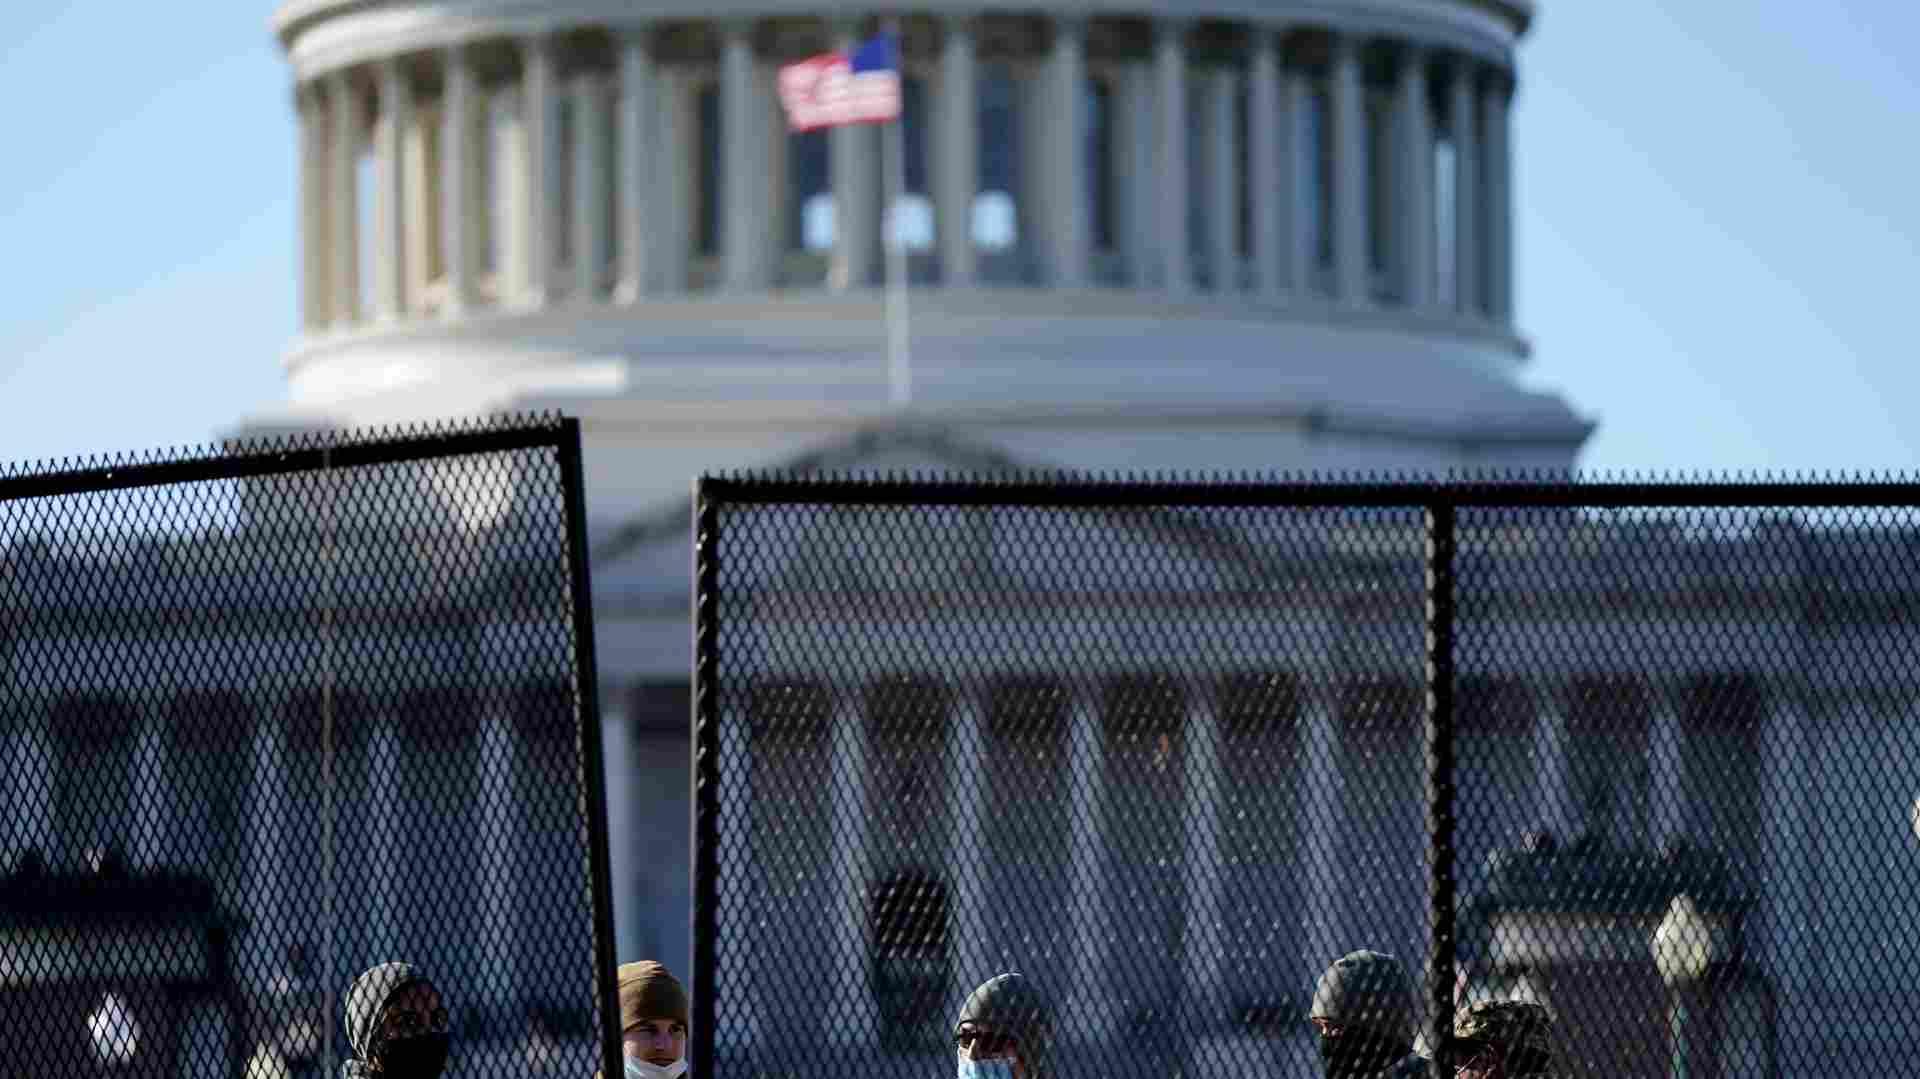 Američke vlasti: Protiv rulje koja je upala u Kongres moguće optužbe za pobunu 1